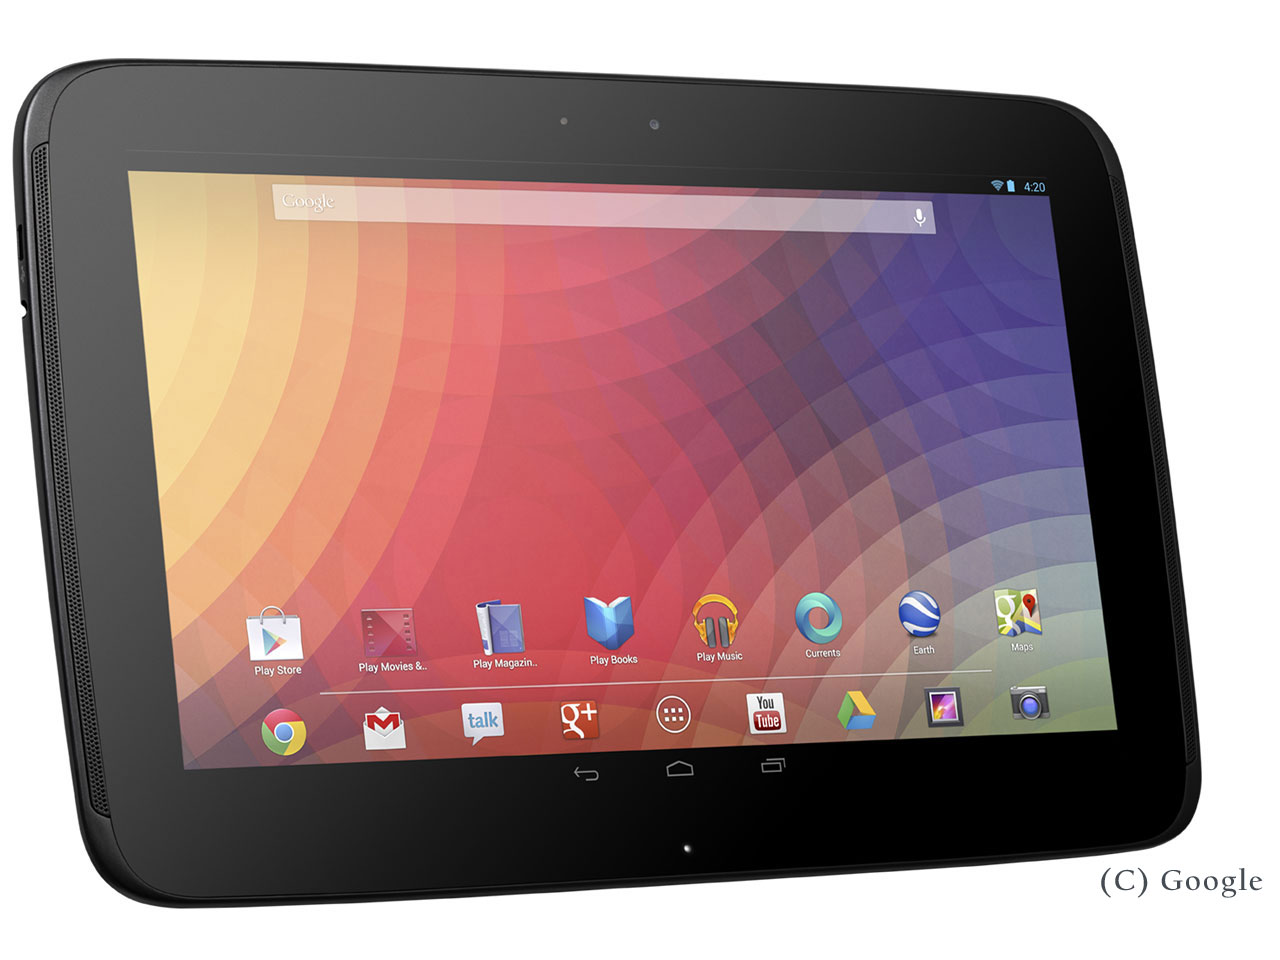 サムスンから「Nexus 10」が登場!スペックや価格・発売日情報